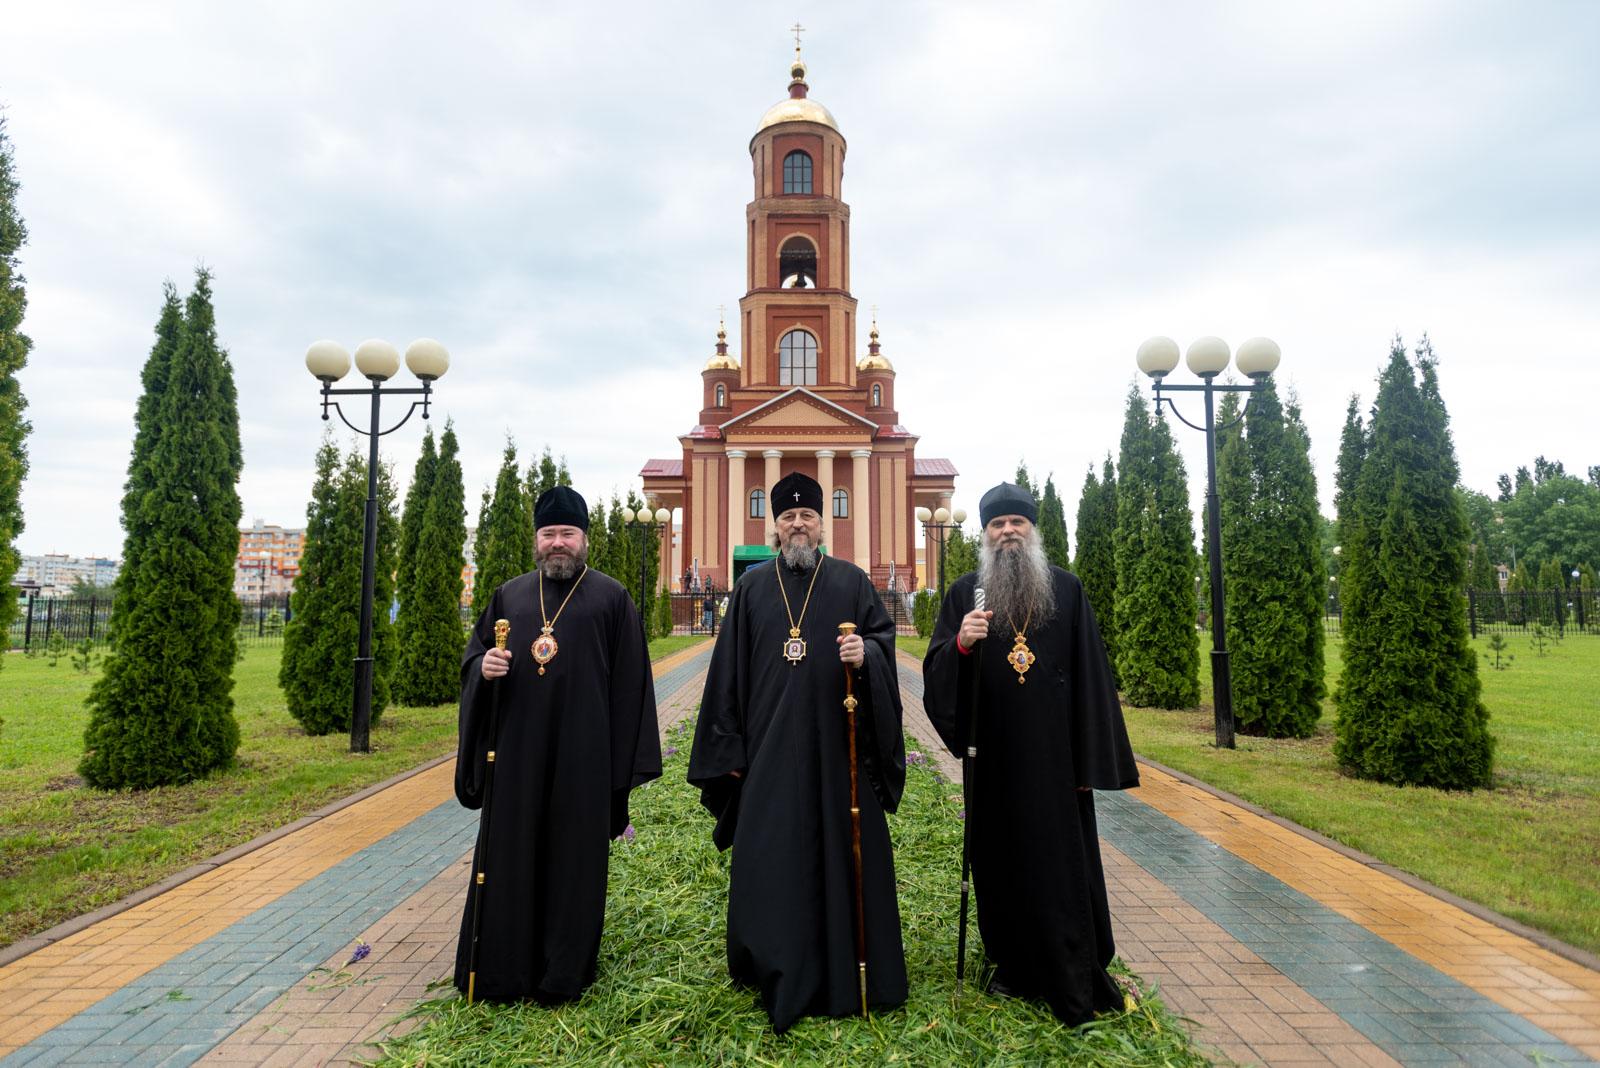 https://beleparh.ru/images/gallery/20/0051/_dsc1913.jpg